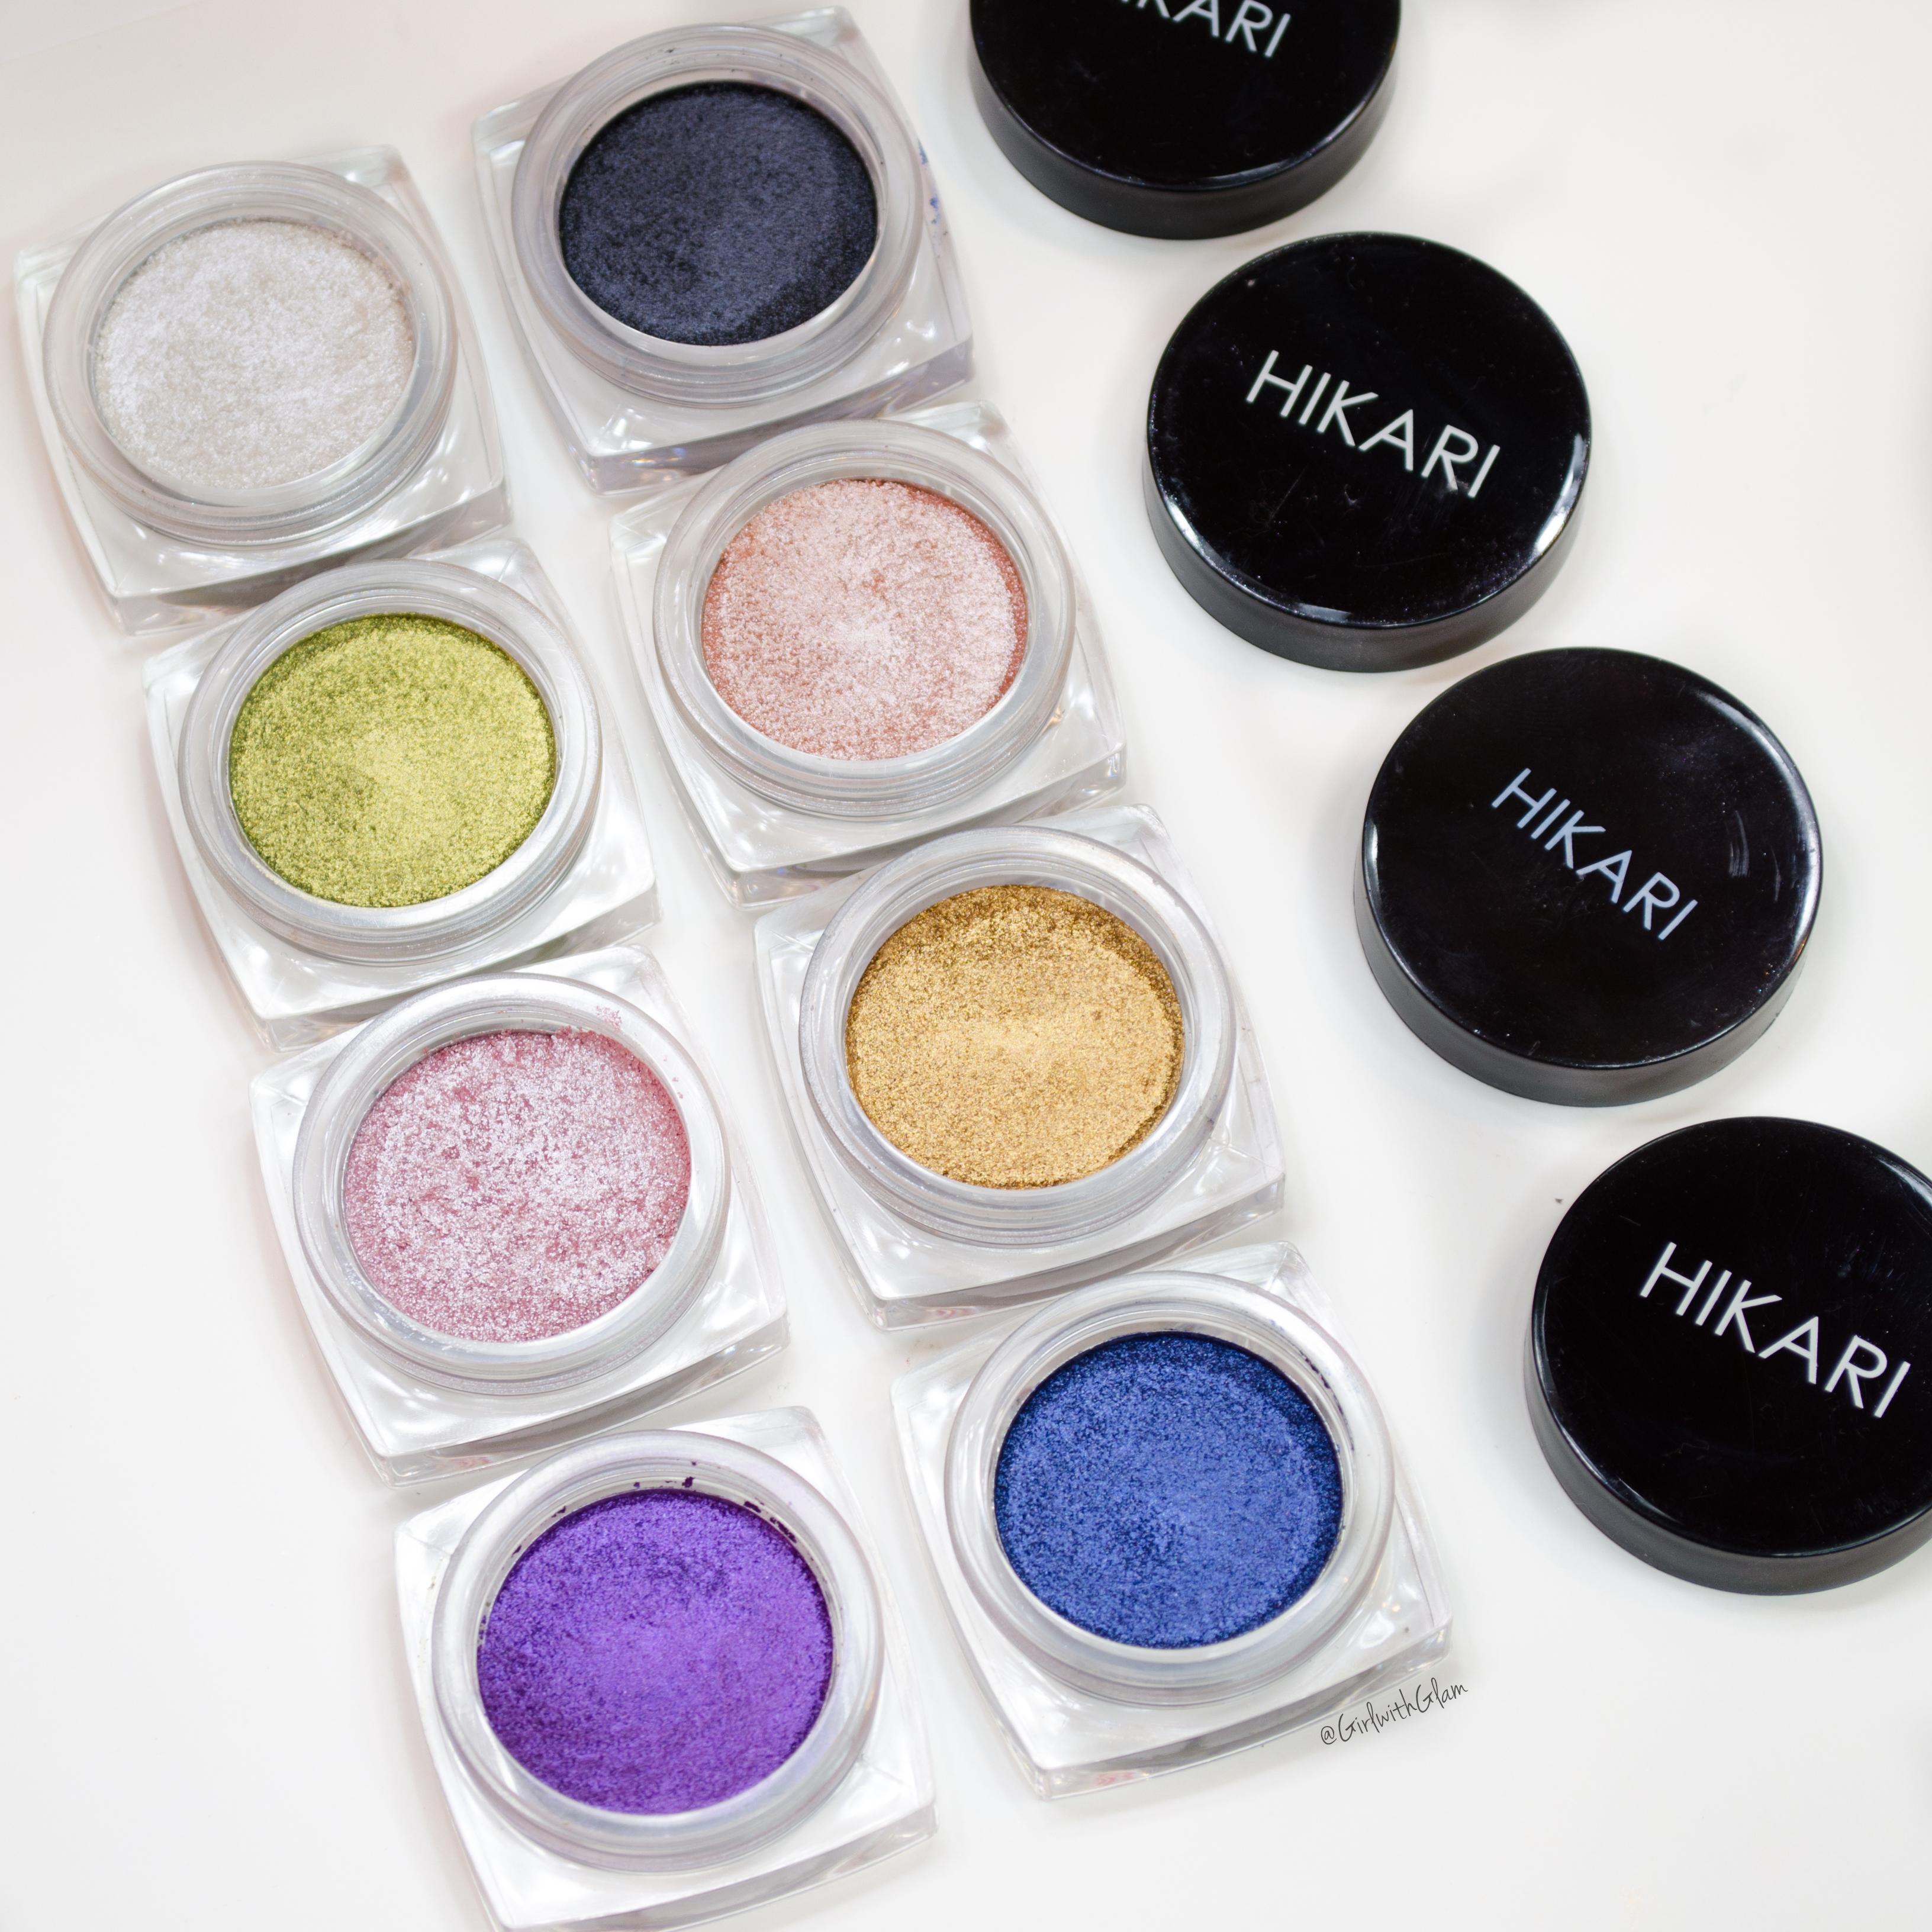 hikari cosmetics cream pigments